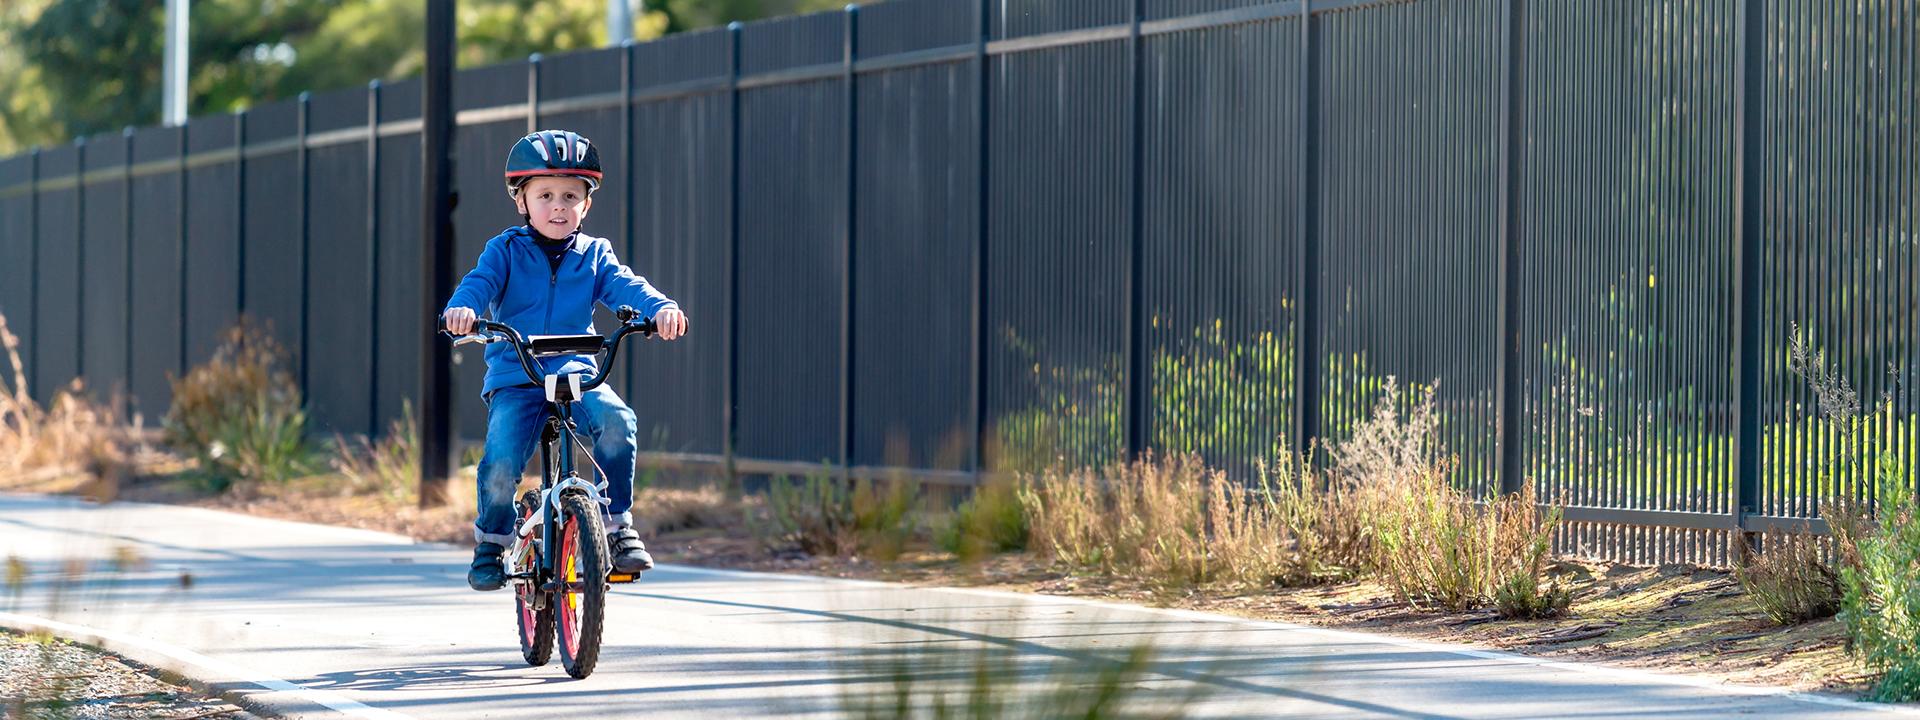 Фото детского велосипеда с ребенком